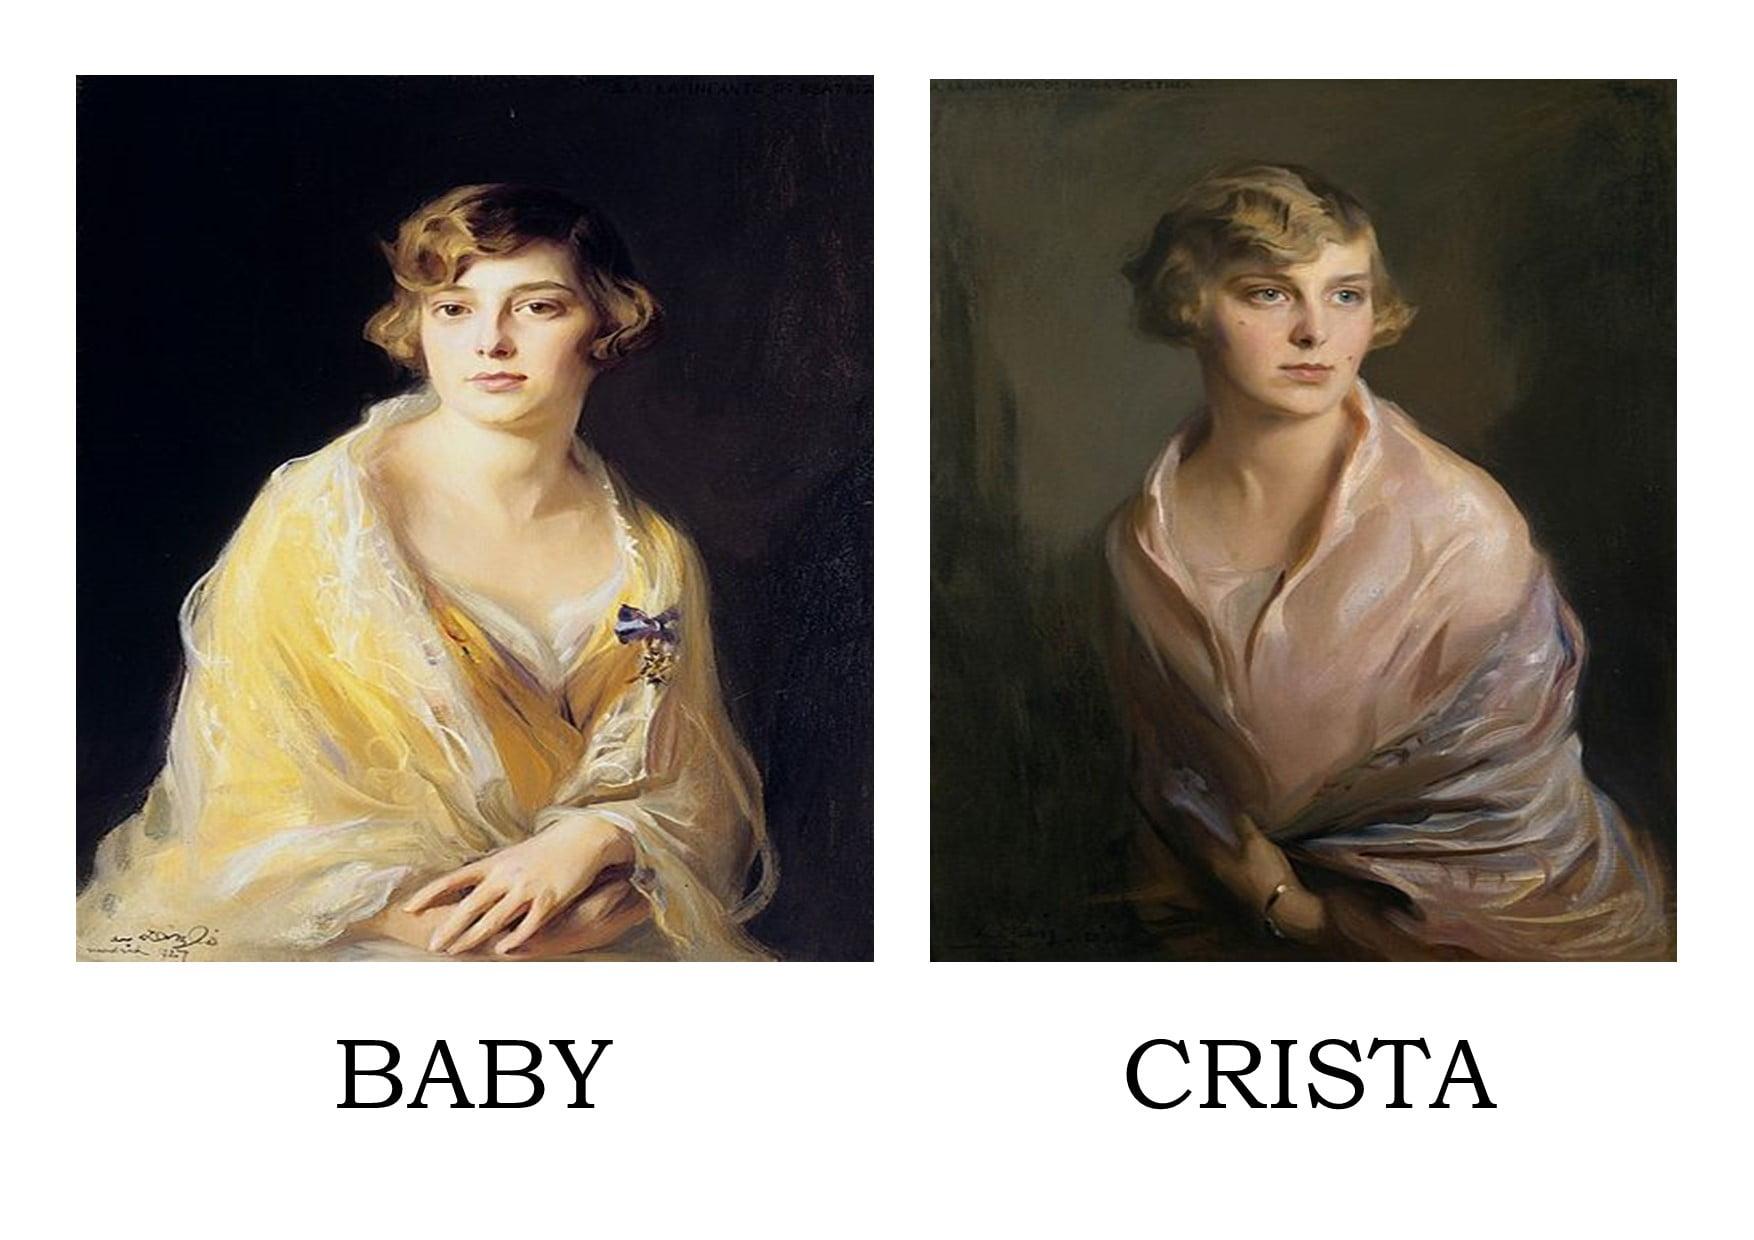 Baby y Crista